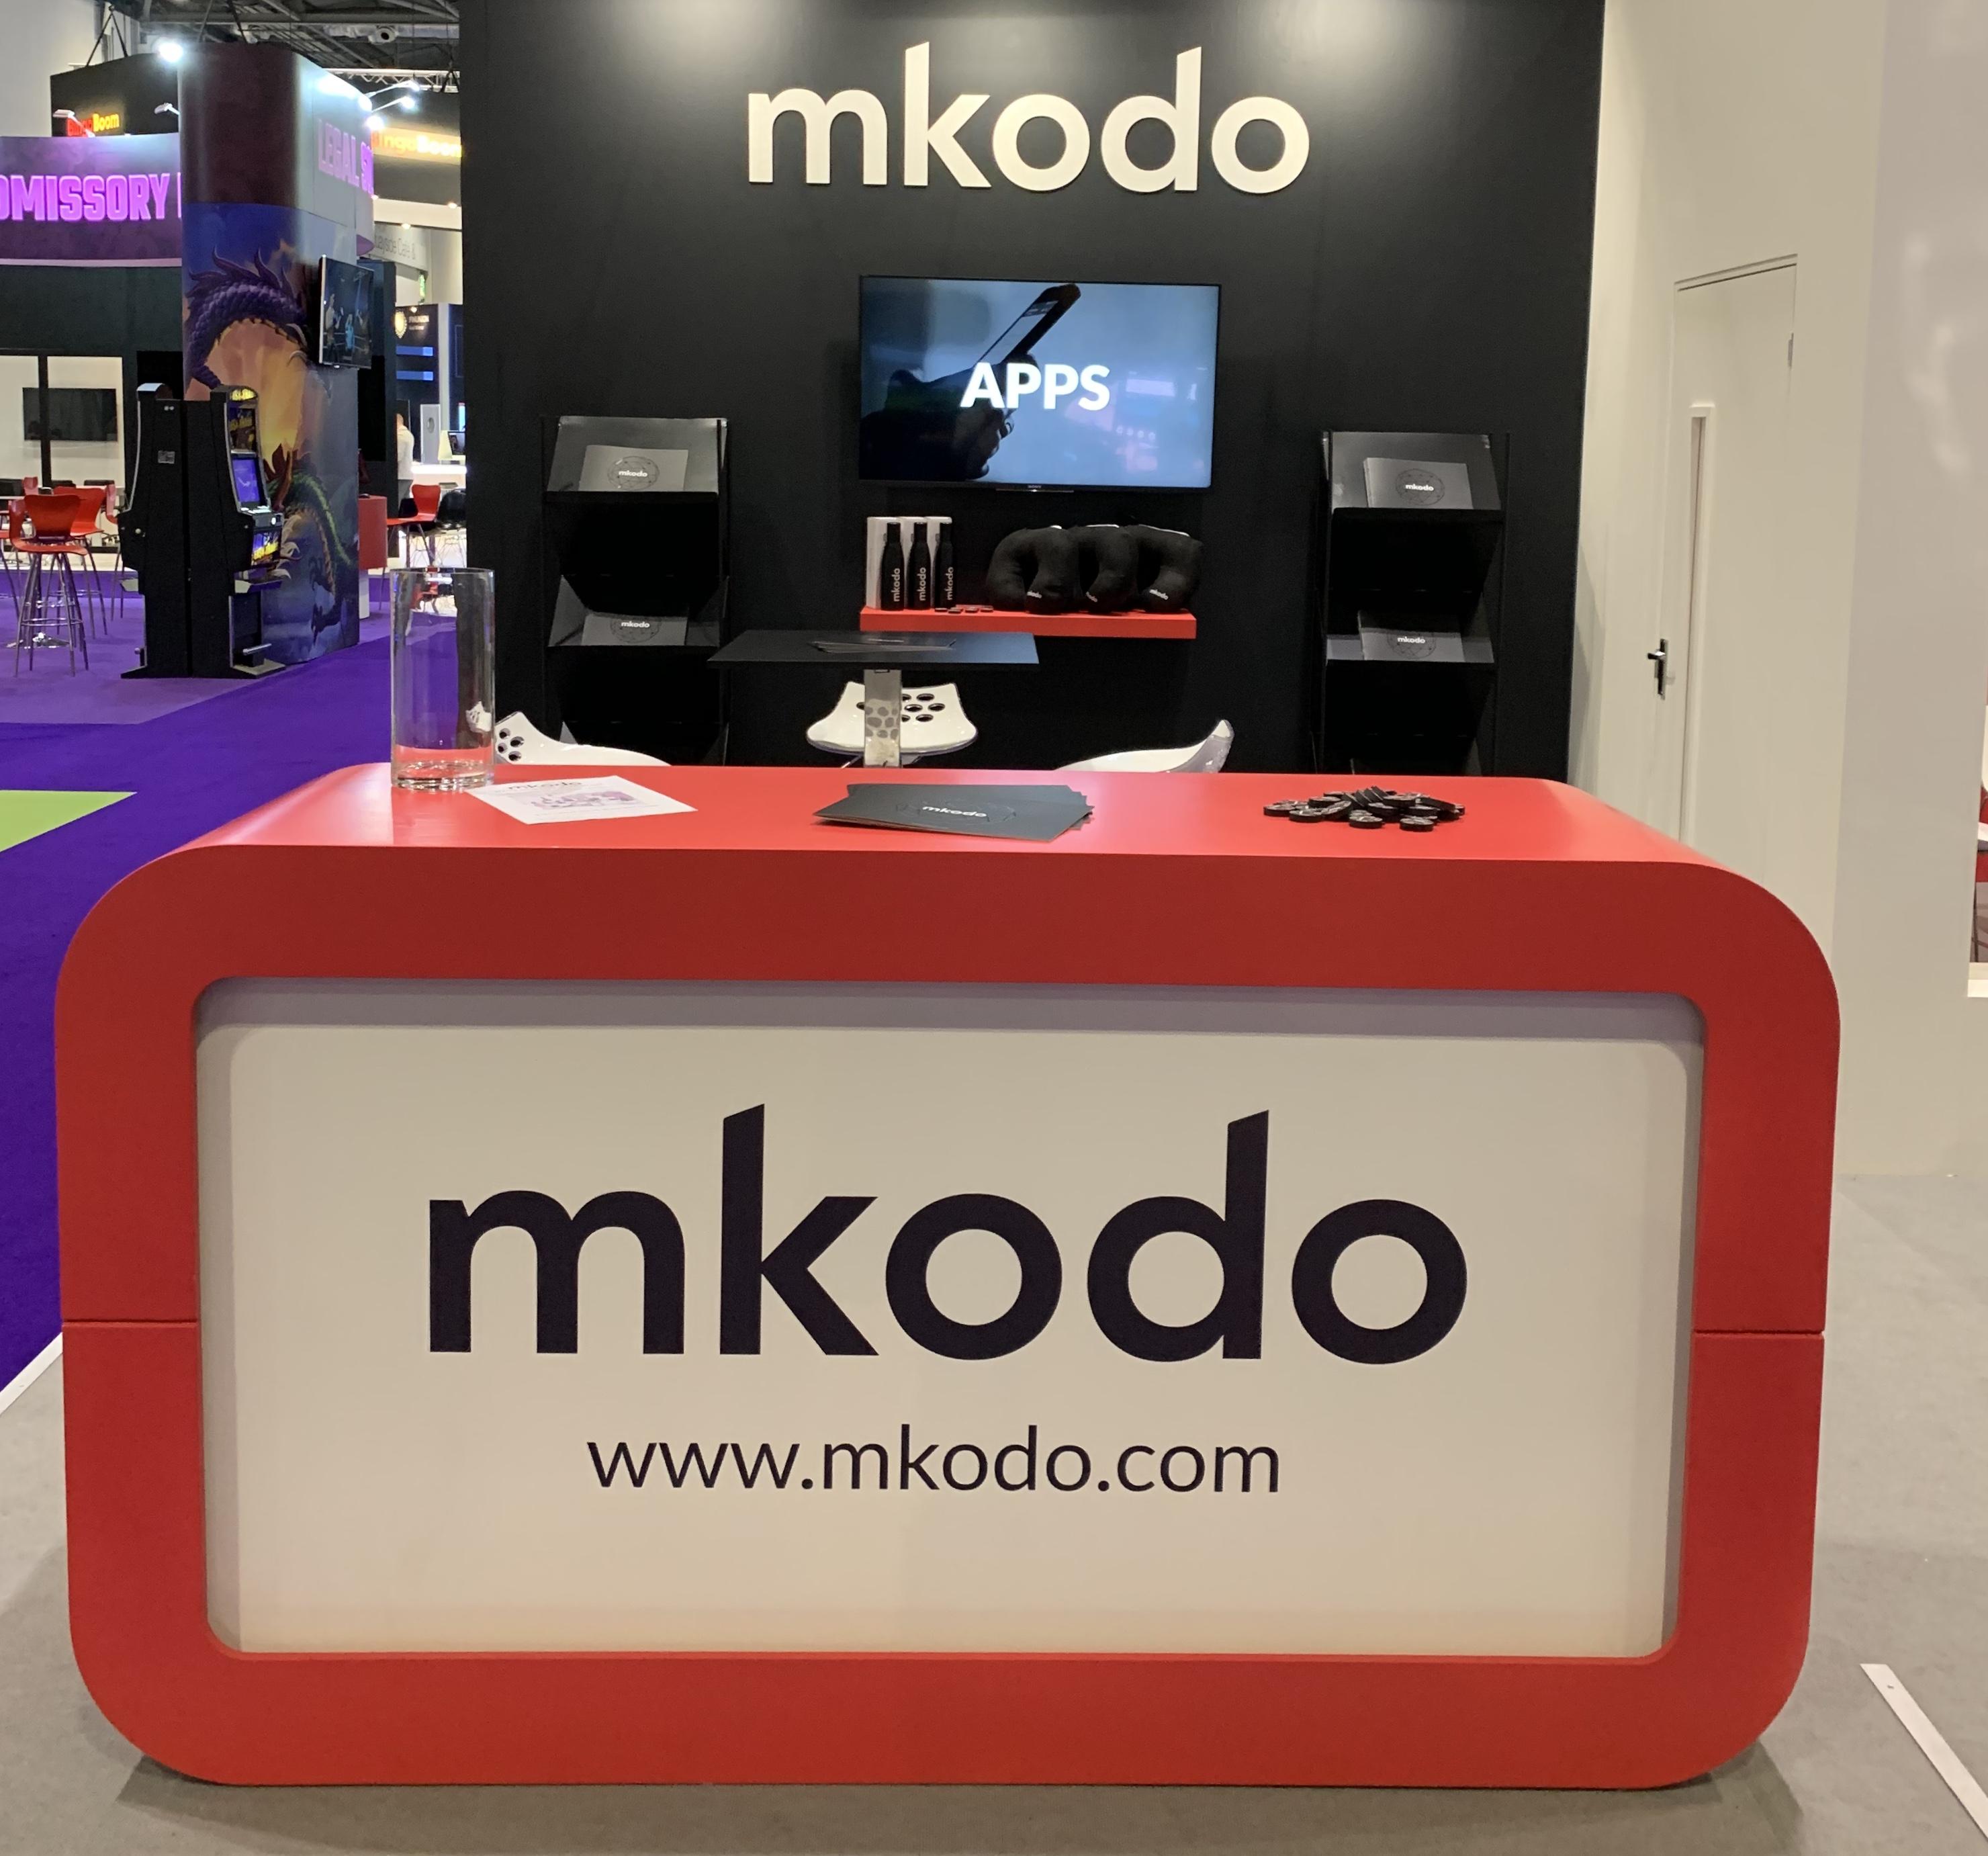 mkodo com